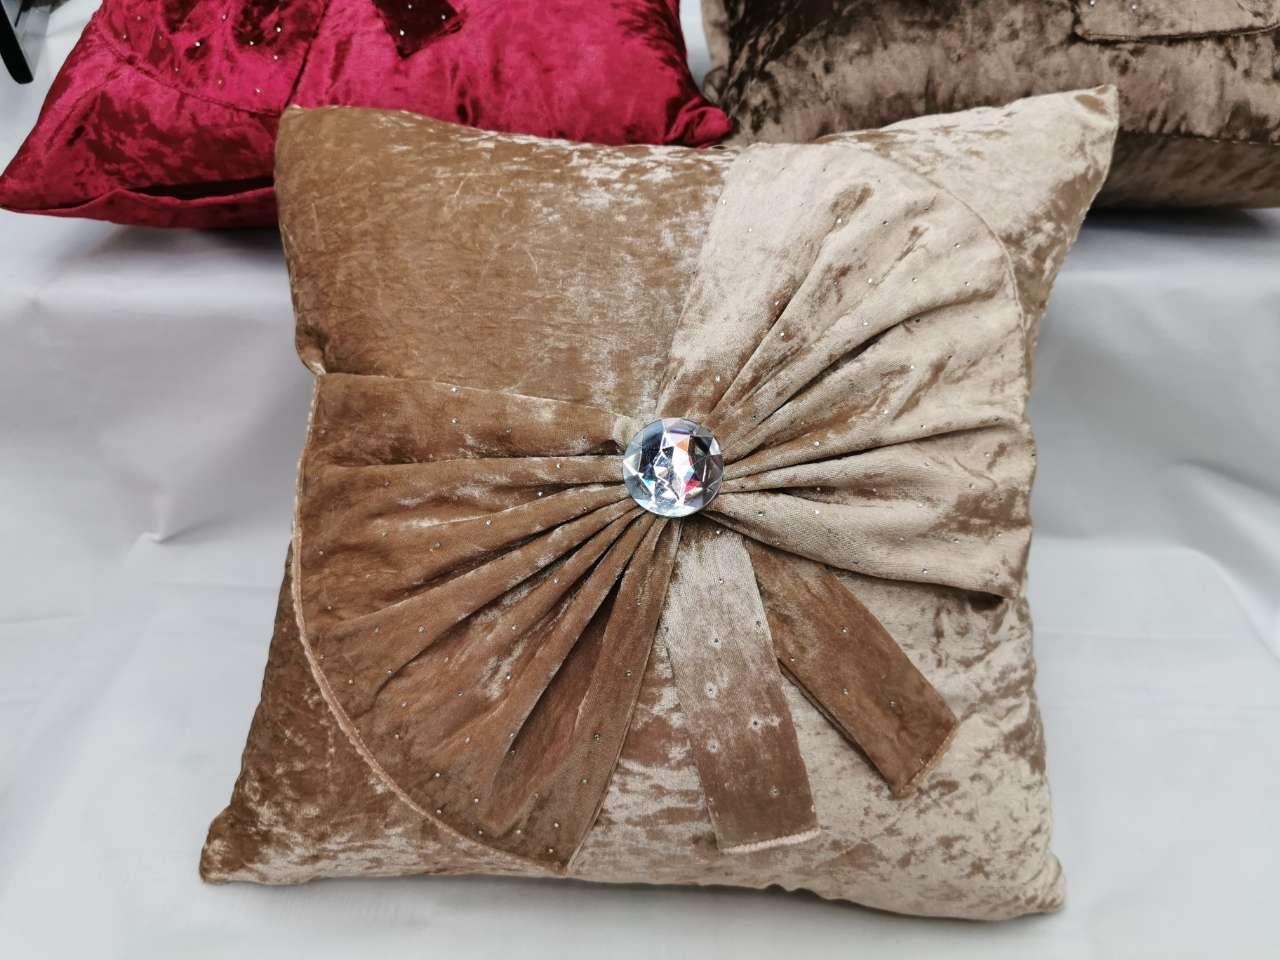 冰花绒蝴蝶结抱枕 抱枕套 床上用品 日用百货 家居用品靠垫靠垫套